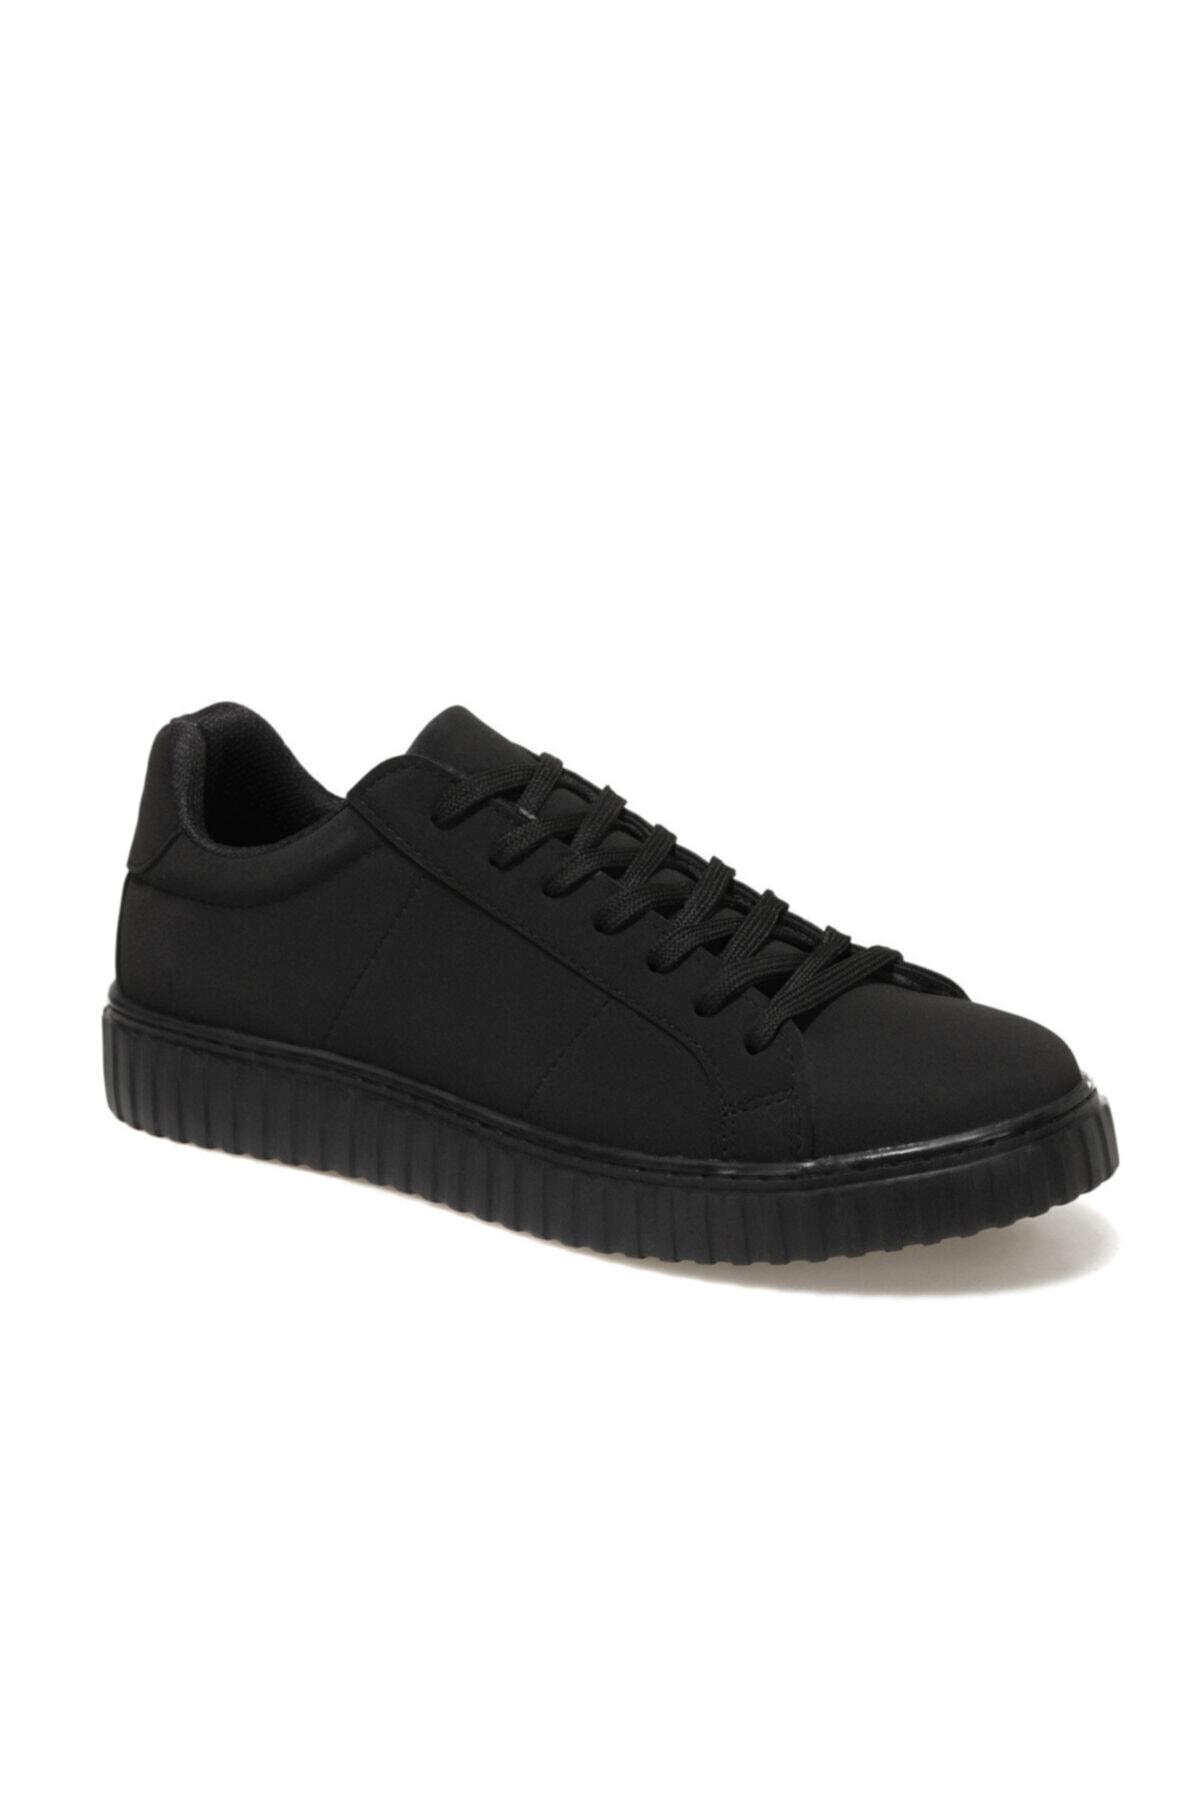 FORESTER 89407-B 1FX Siyah Erkek Kalın Tabanlı Sneaker 100909431 1